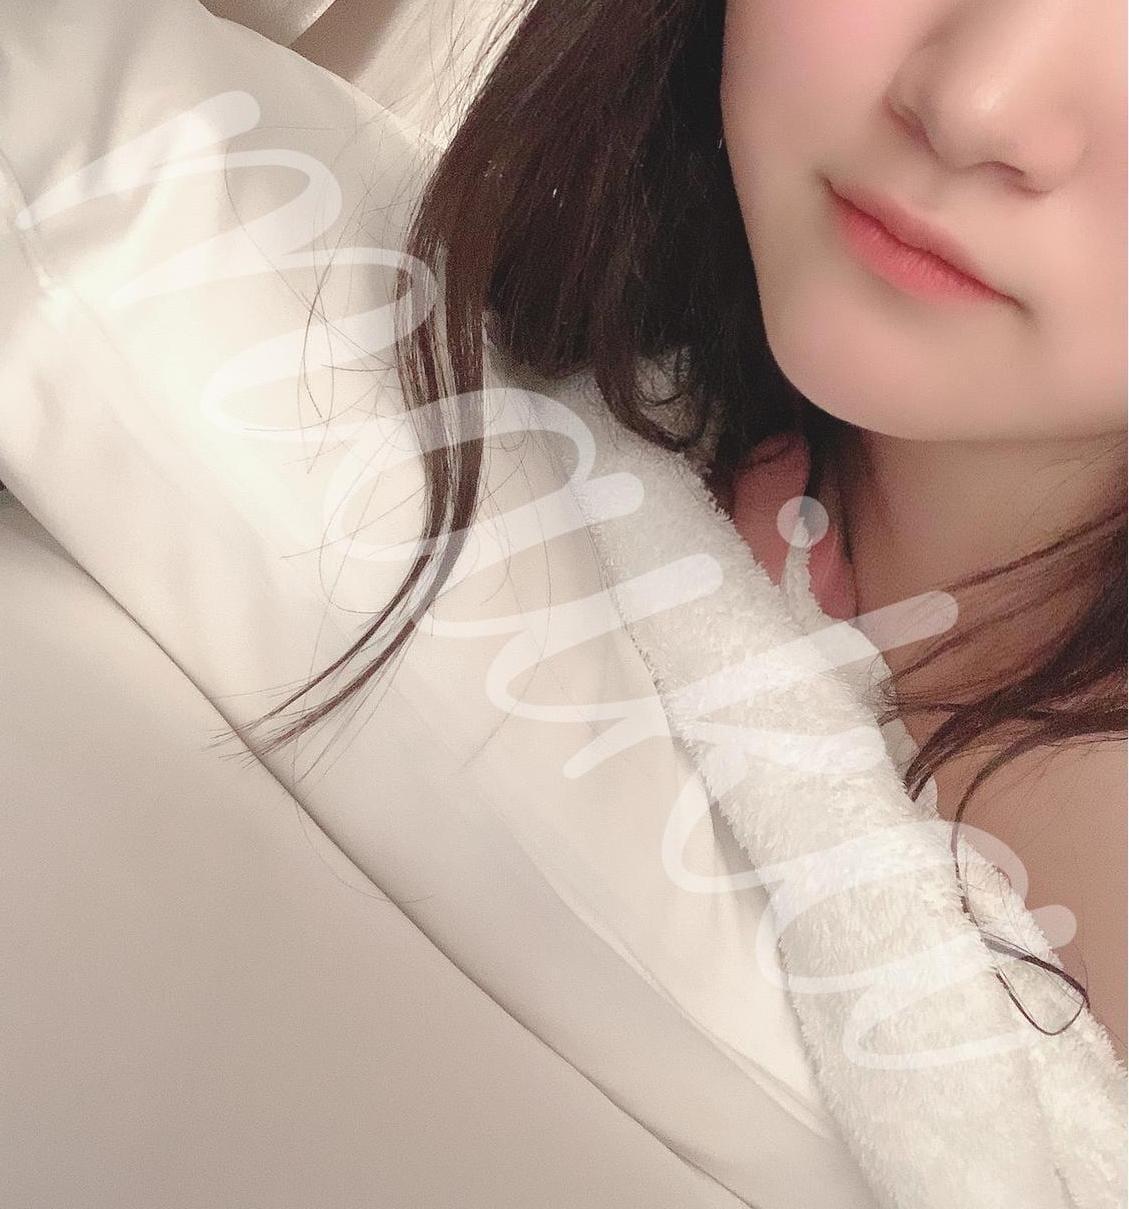 「落合のお兄様??」01/08(01/08) 05:28 | まいかの写メ・風俗動画